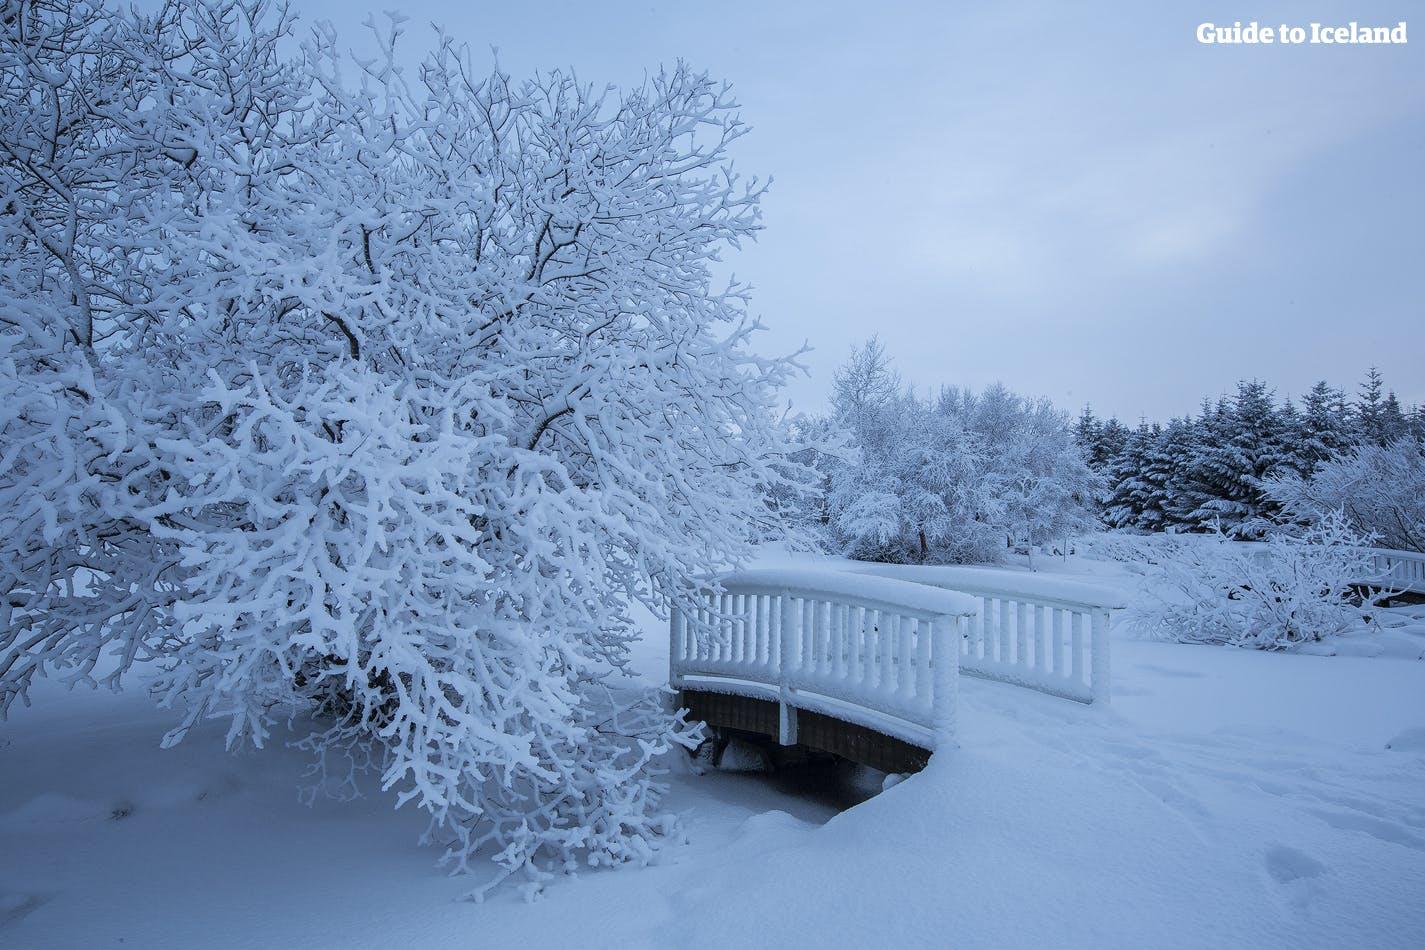 La nieve del invierno que cubre la ciudad de Reikiavik